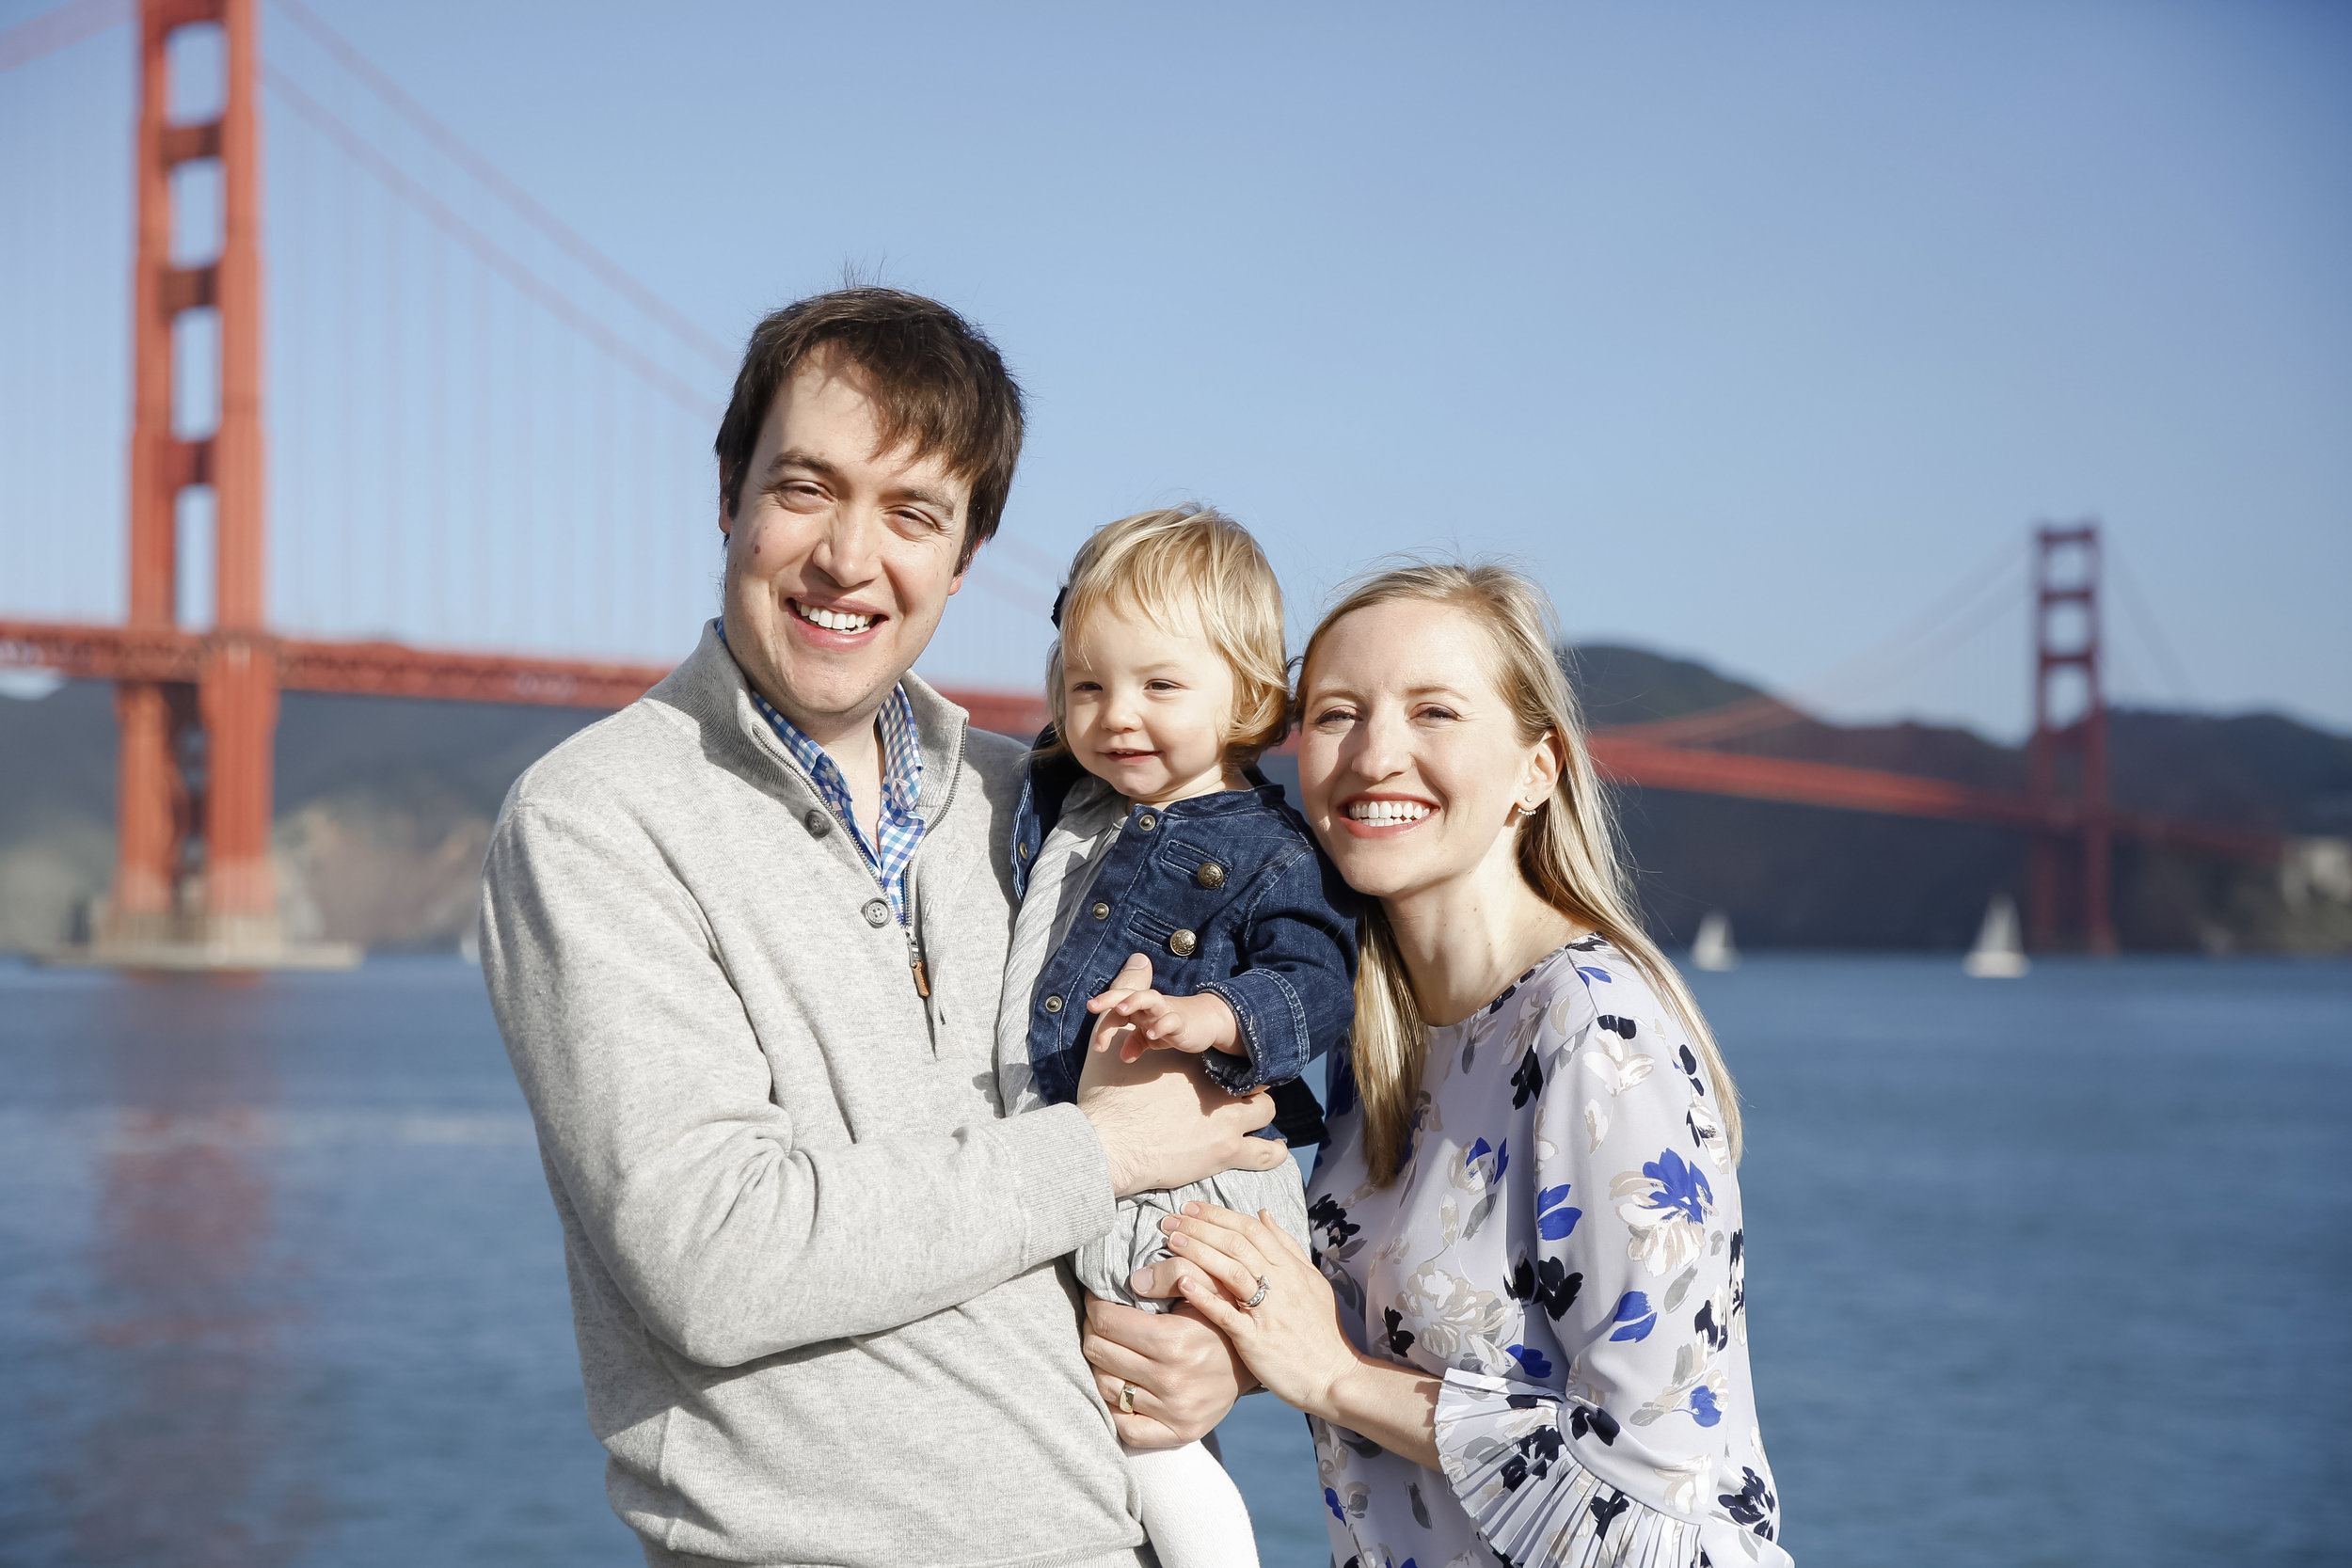 fellowsfamily-ahp-00059.jpg